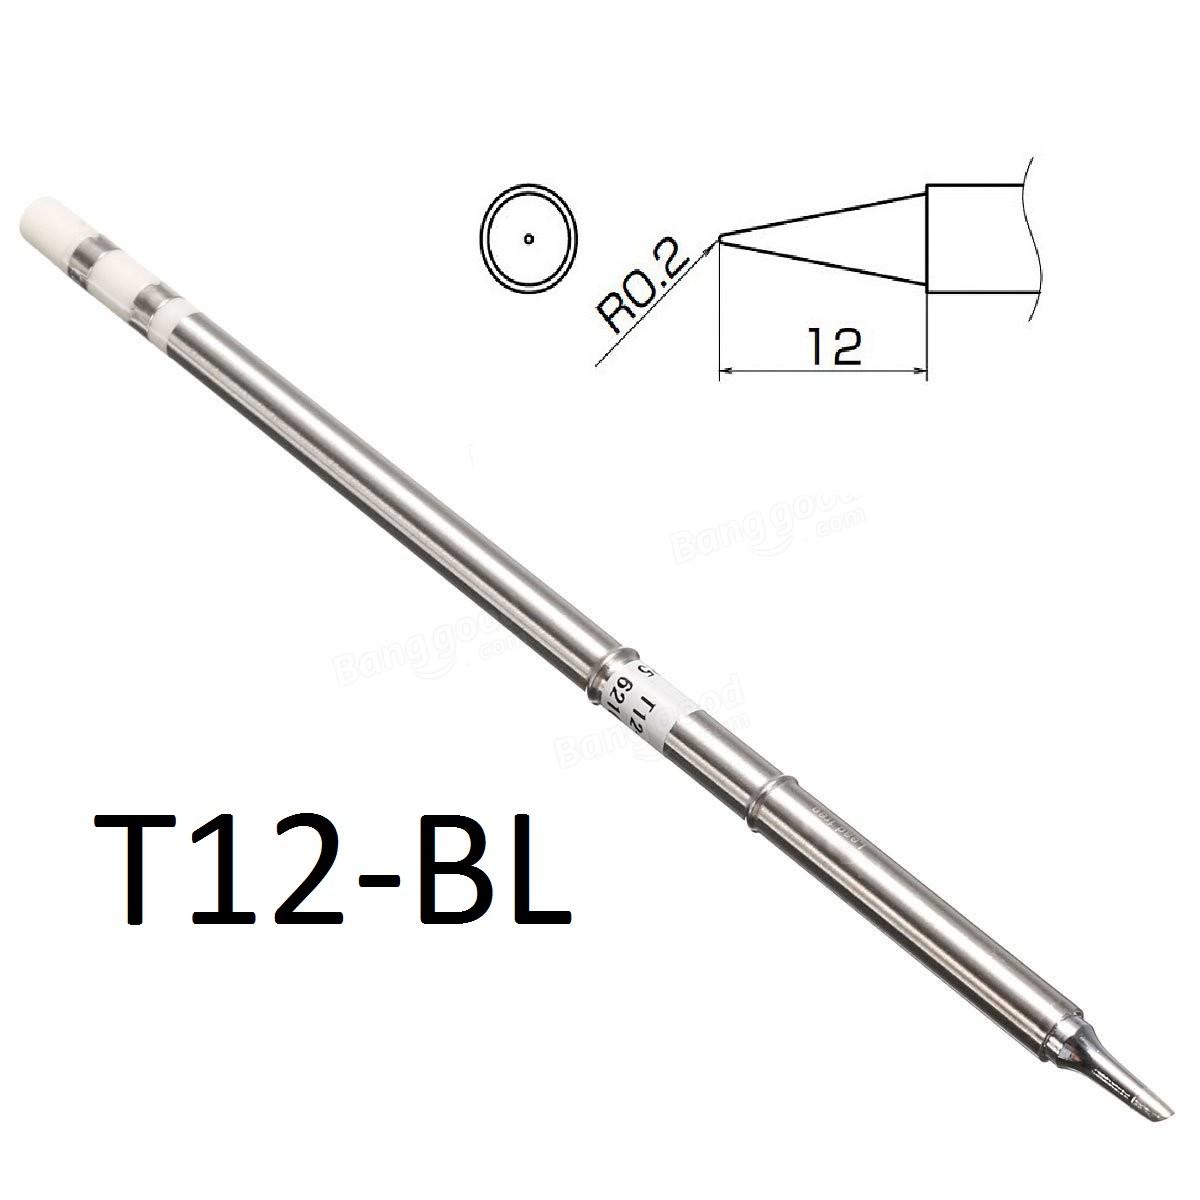 Жало для паяльника Т12 для паяльных станций T12-BL